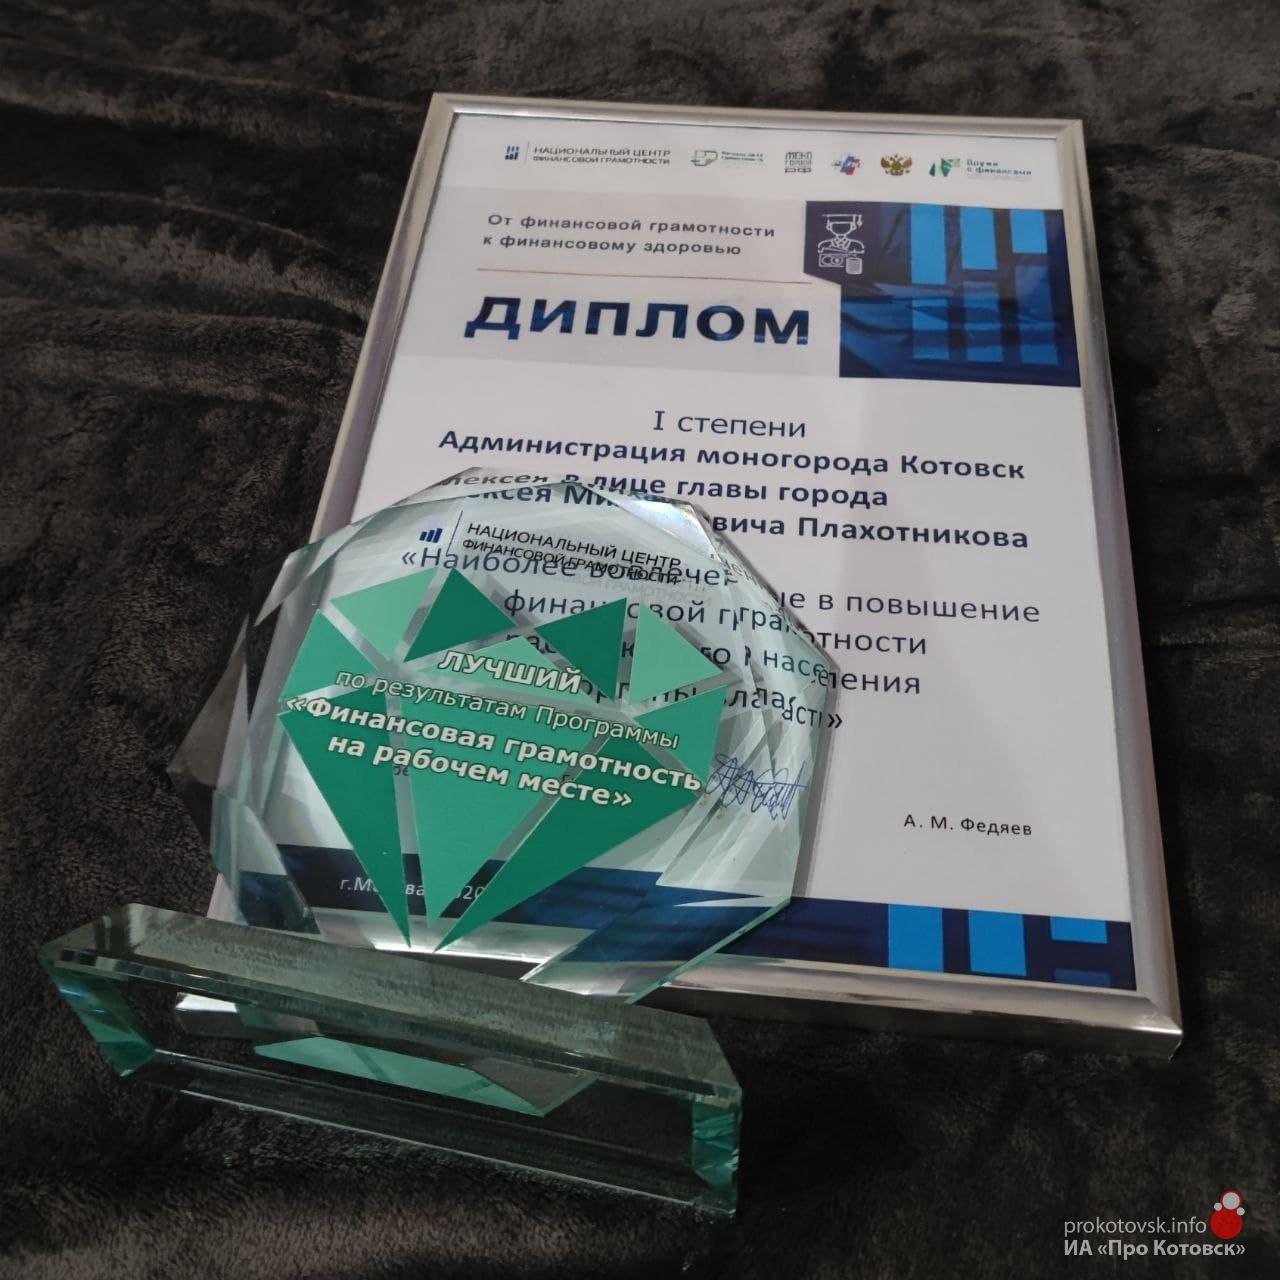 Администрация Котовска отмечена дипломом первой степени за вовлечение населения в финансовую грамотность